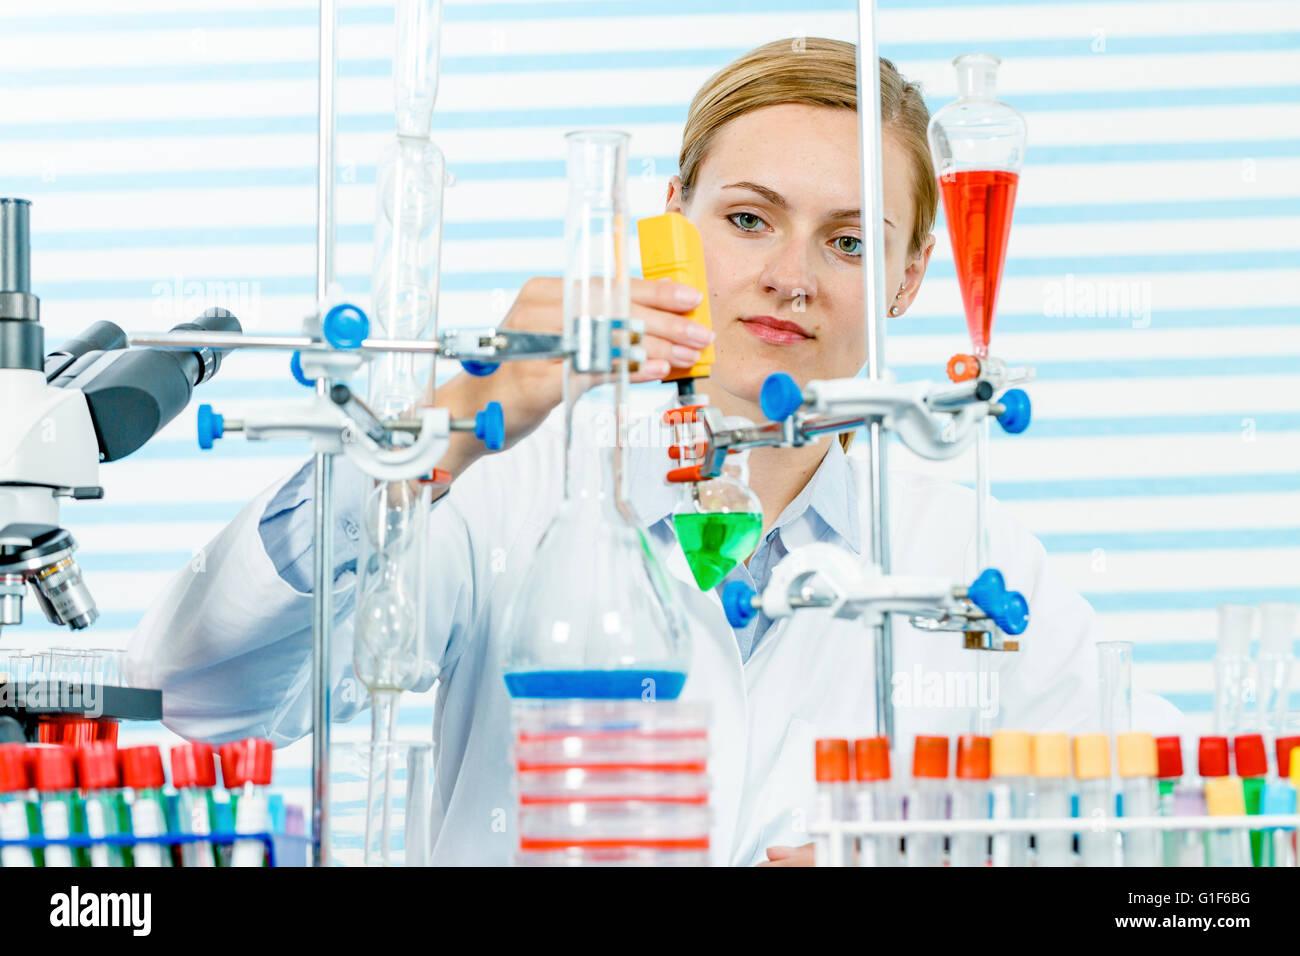 -MODELL VERÖFFENTLICHT. Weiblichen Chemiker im Labor arbeitet. Stockbild